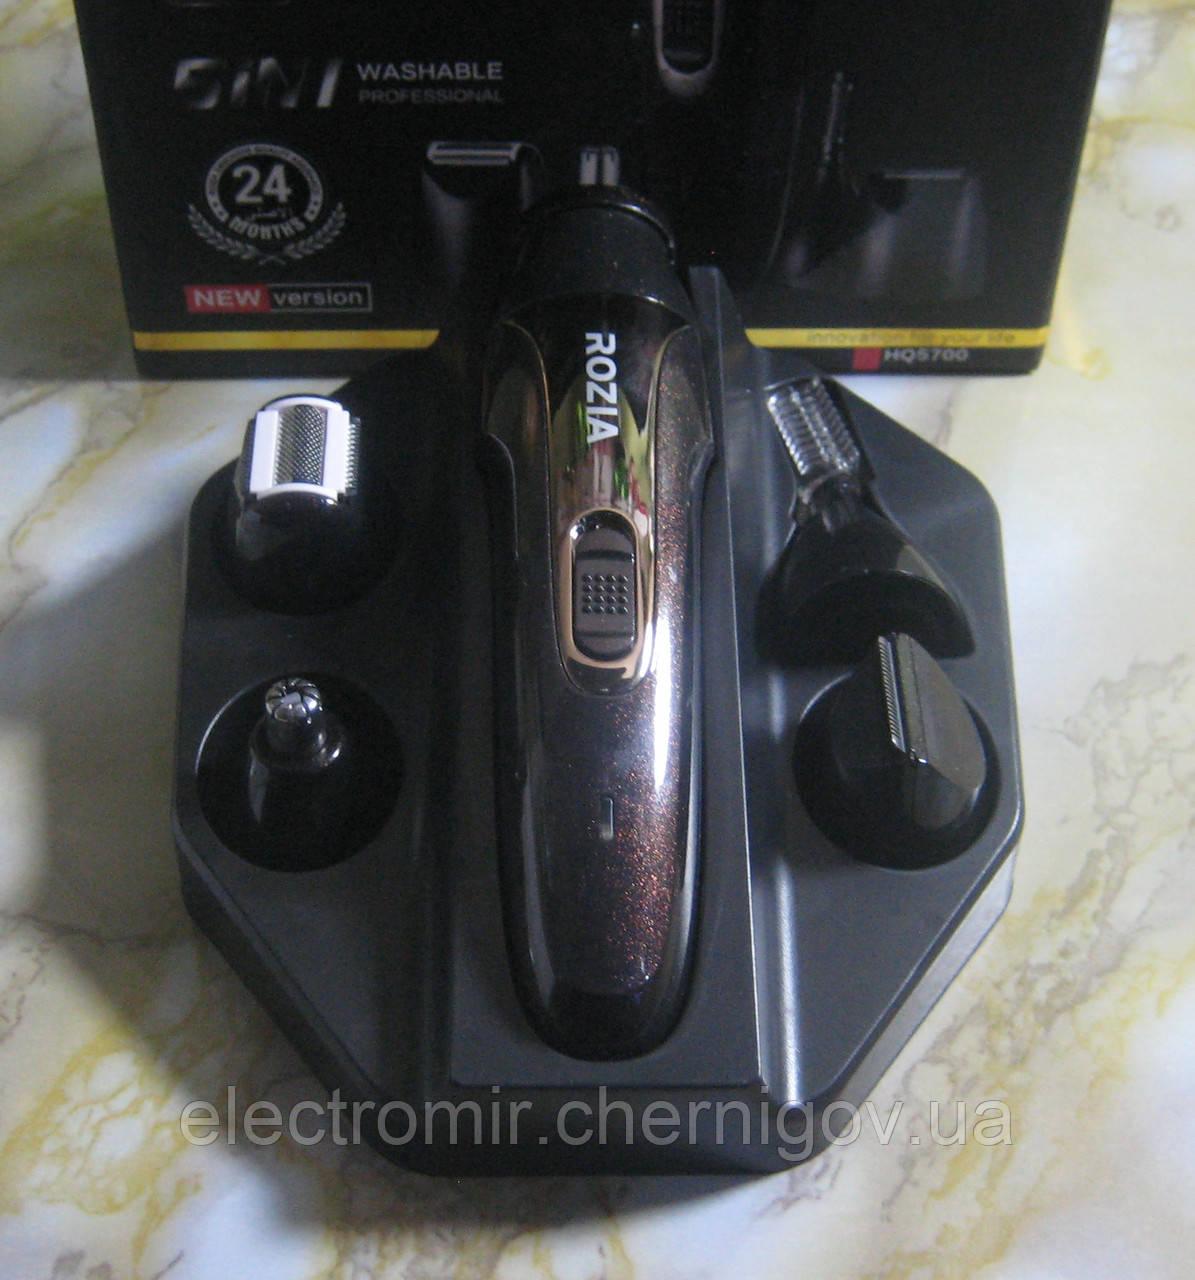 Бездротова машинка для стрижки з тримером Rozia HQ5700